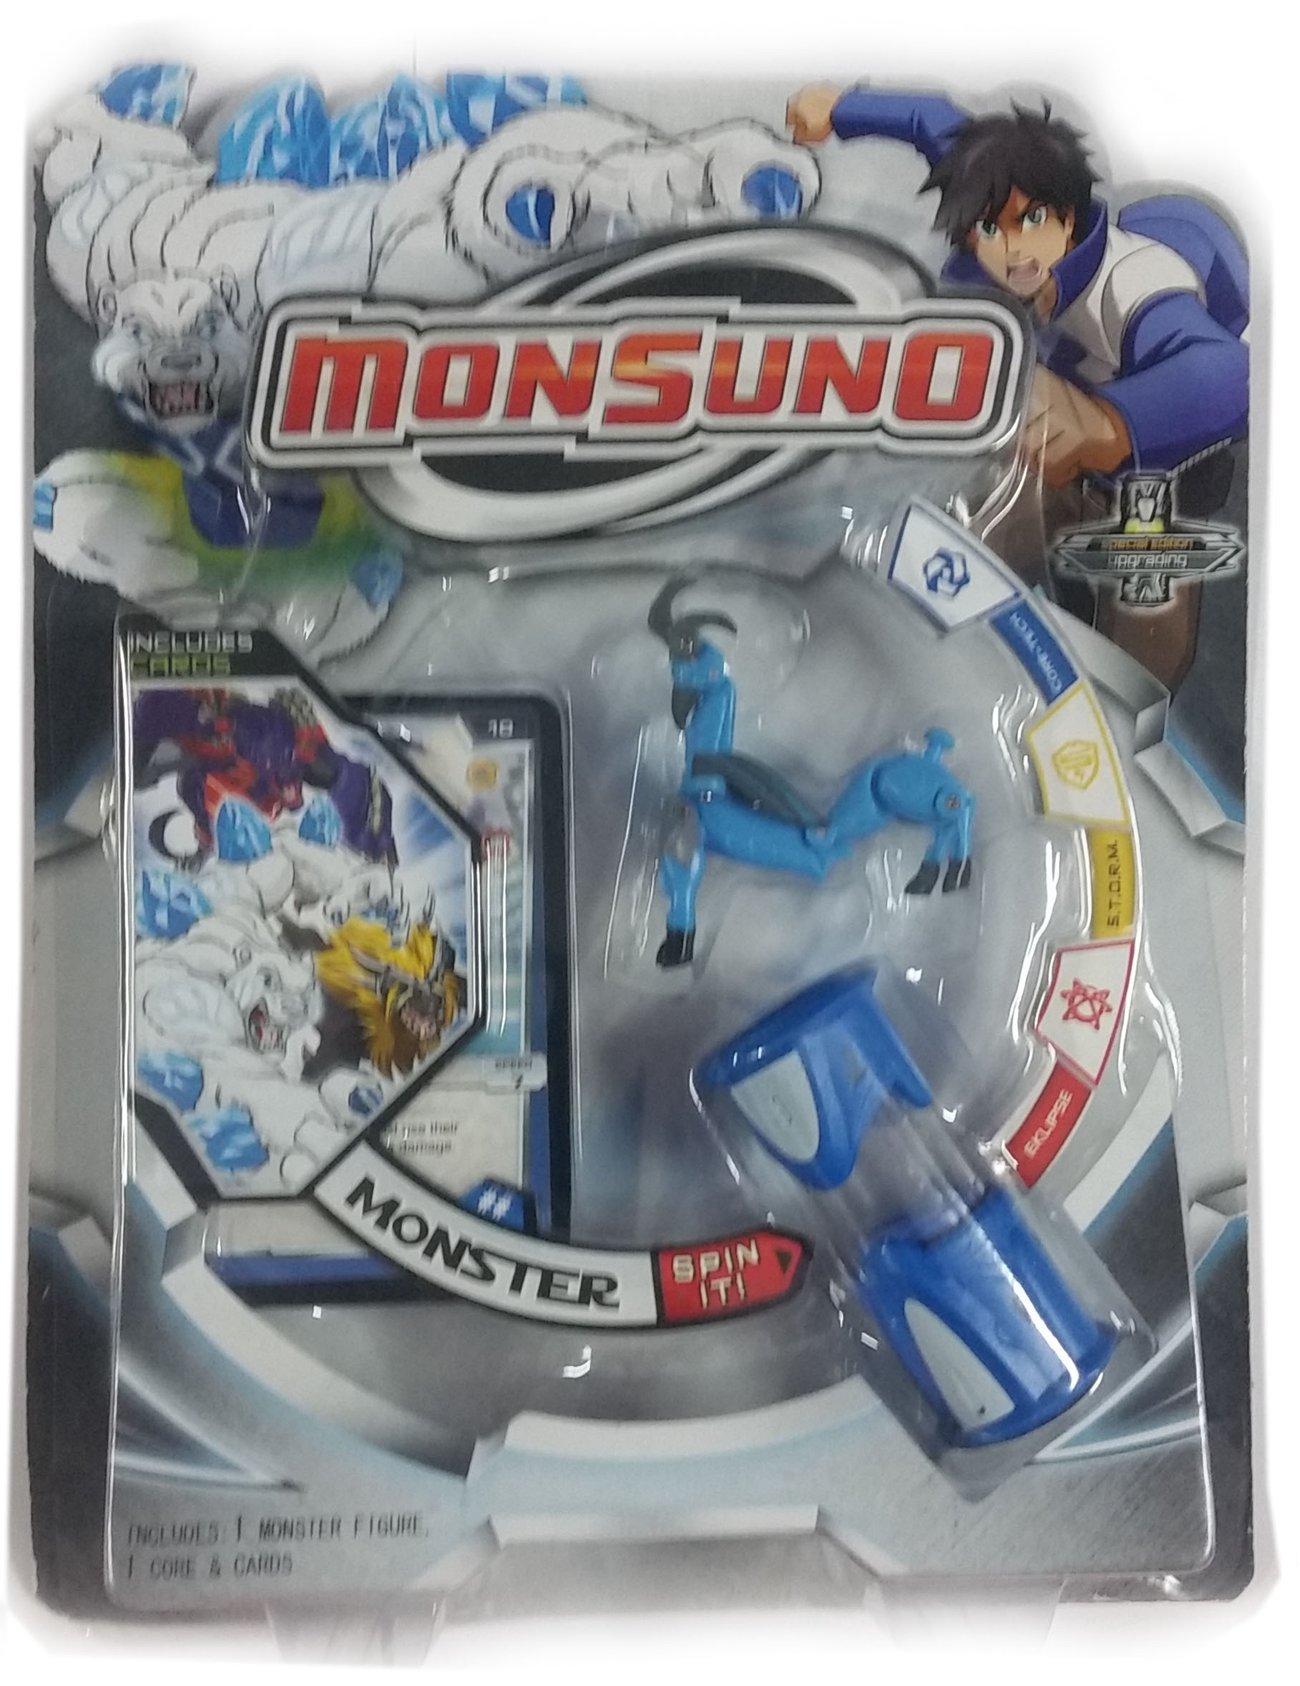 Детска играчка Монсуно, Вълнуващо приключение, смели герои, силни чудовища - Monsuno 8803/2